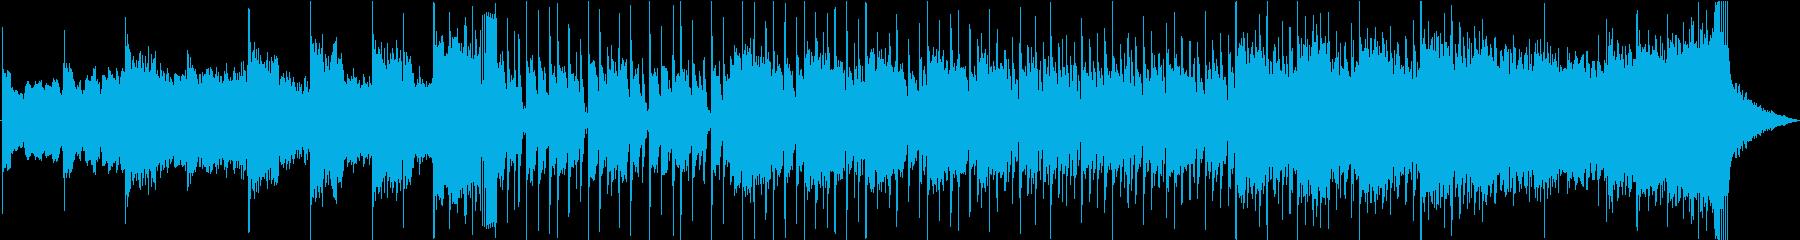 エピック&シンセのダークなオープニング曲の再生済みの波形